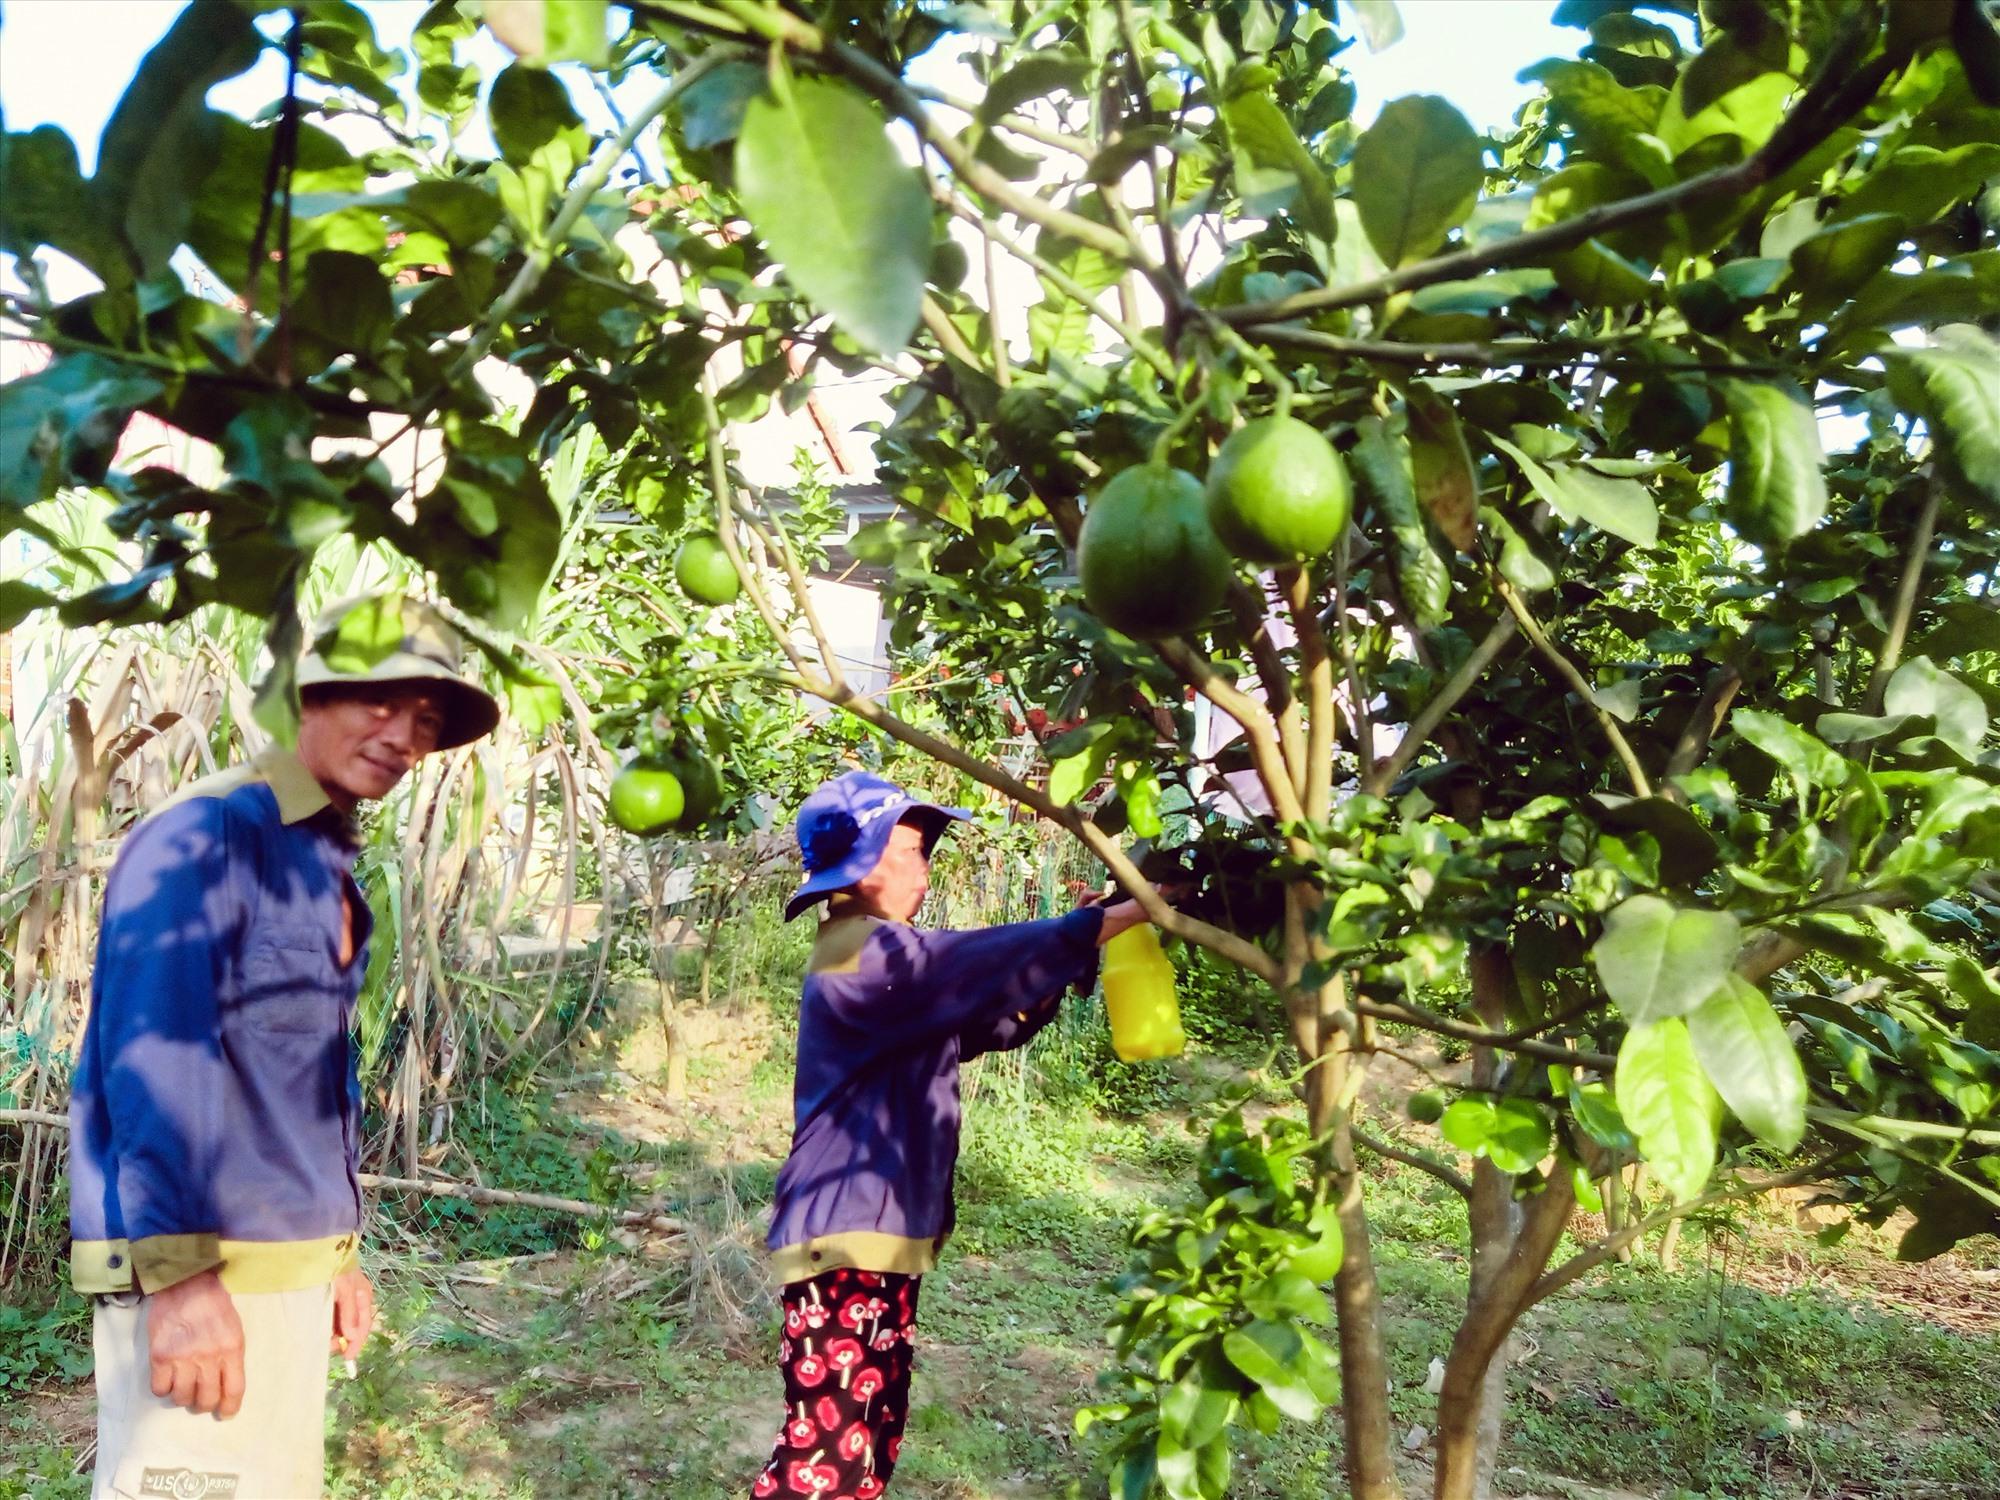 Mô hình thâm canh bưởi da xanh tại xã Tam Xuân 1, Núi Thành. Ảnh: TRIÊU NHAN